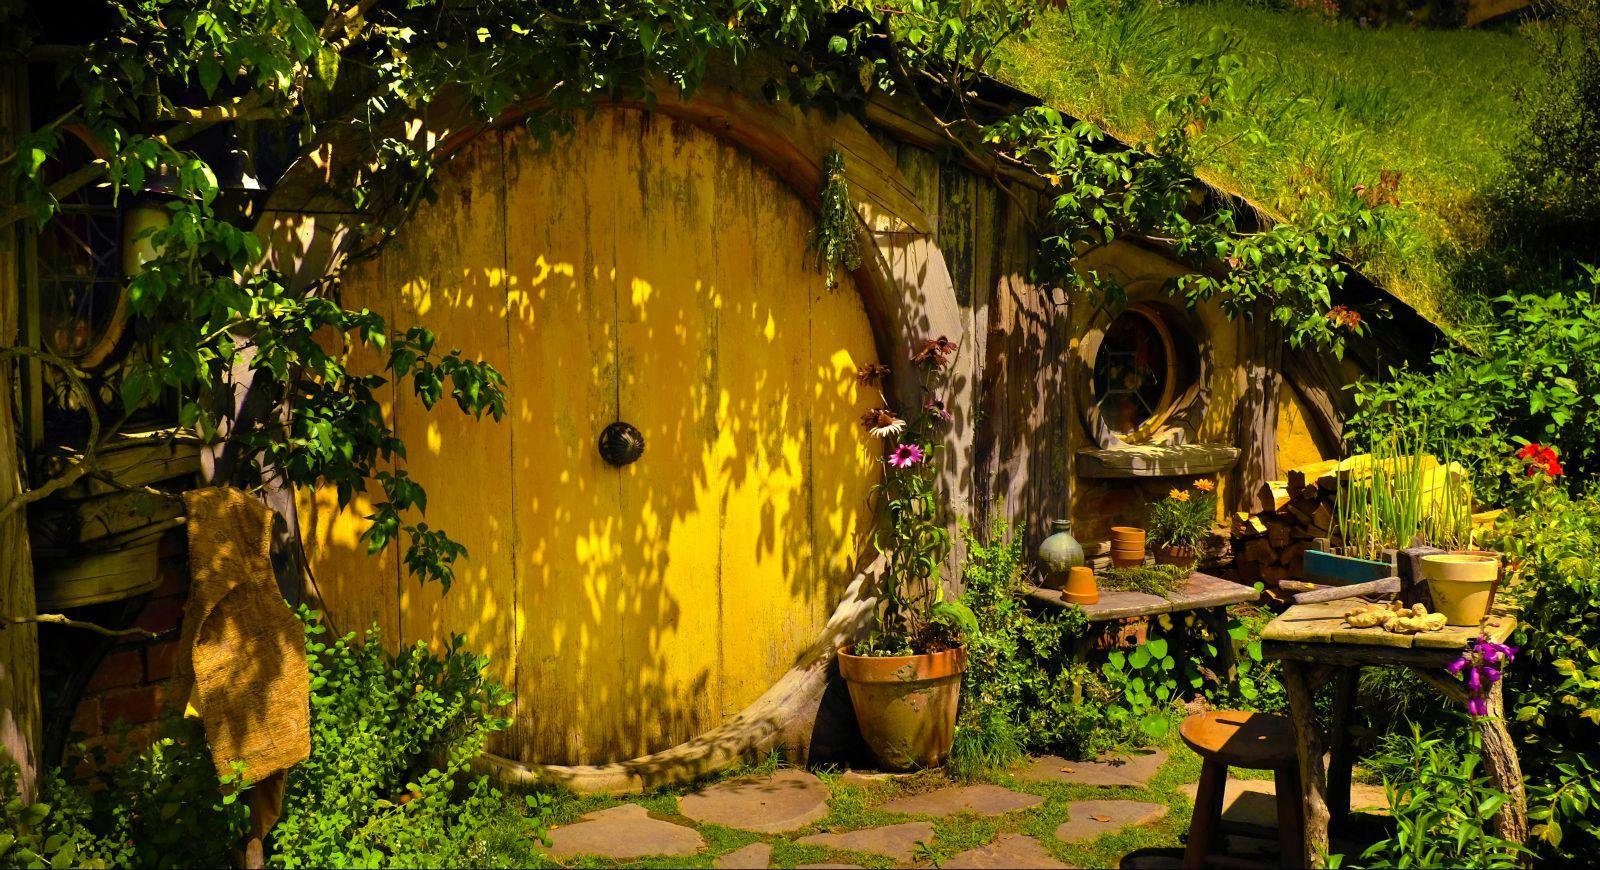 霍比特人小屋的黄色圆门